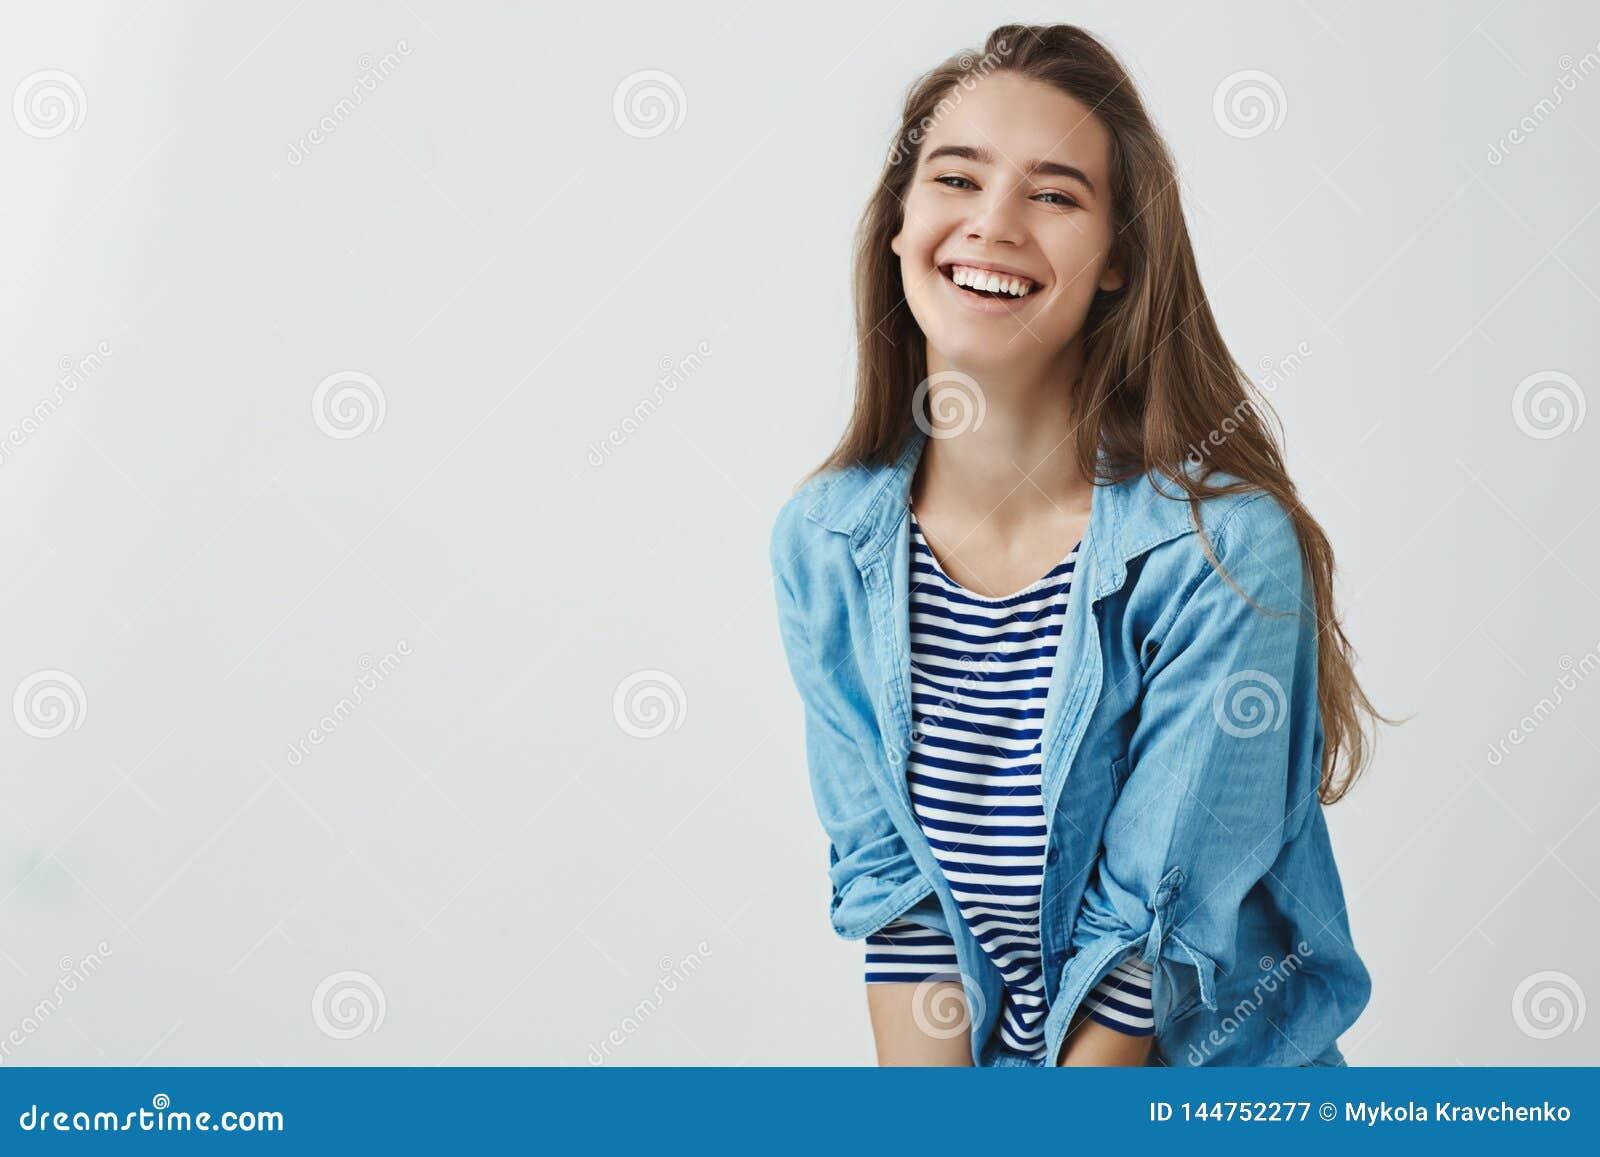 Ευτυχής τρόπος ζωής, έννοια ευημερίας Γοητείας ξένοιαστος χαμόγελου ε